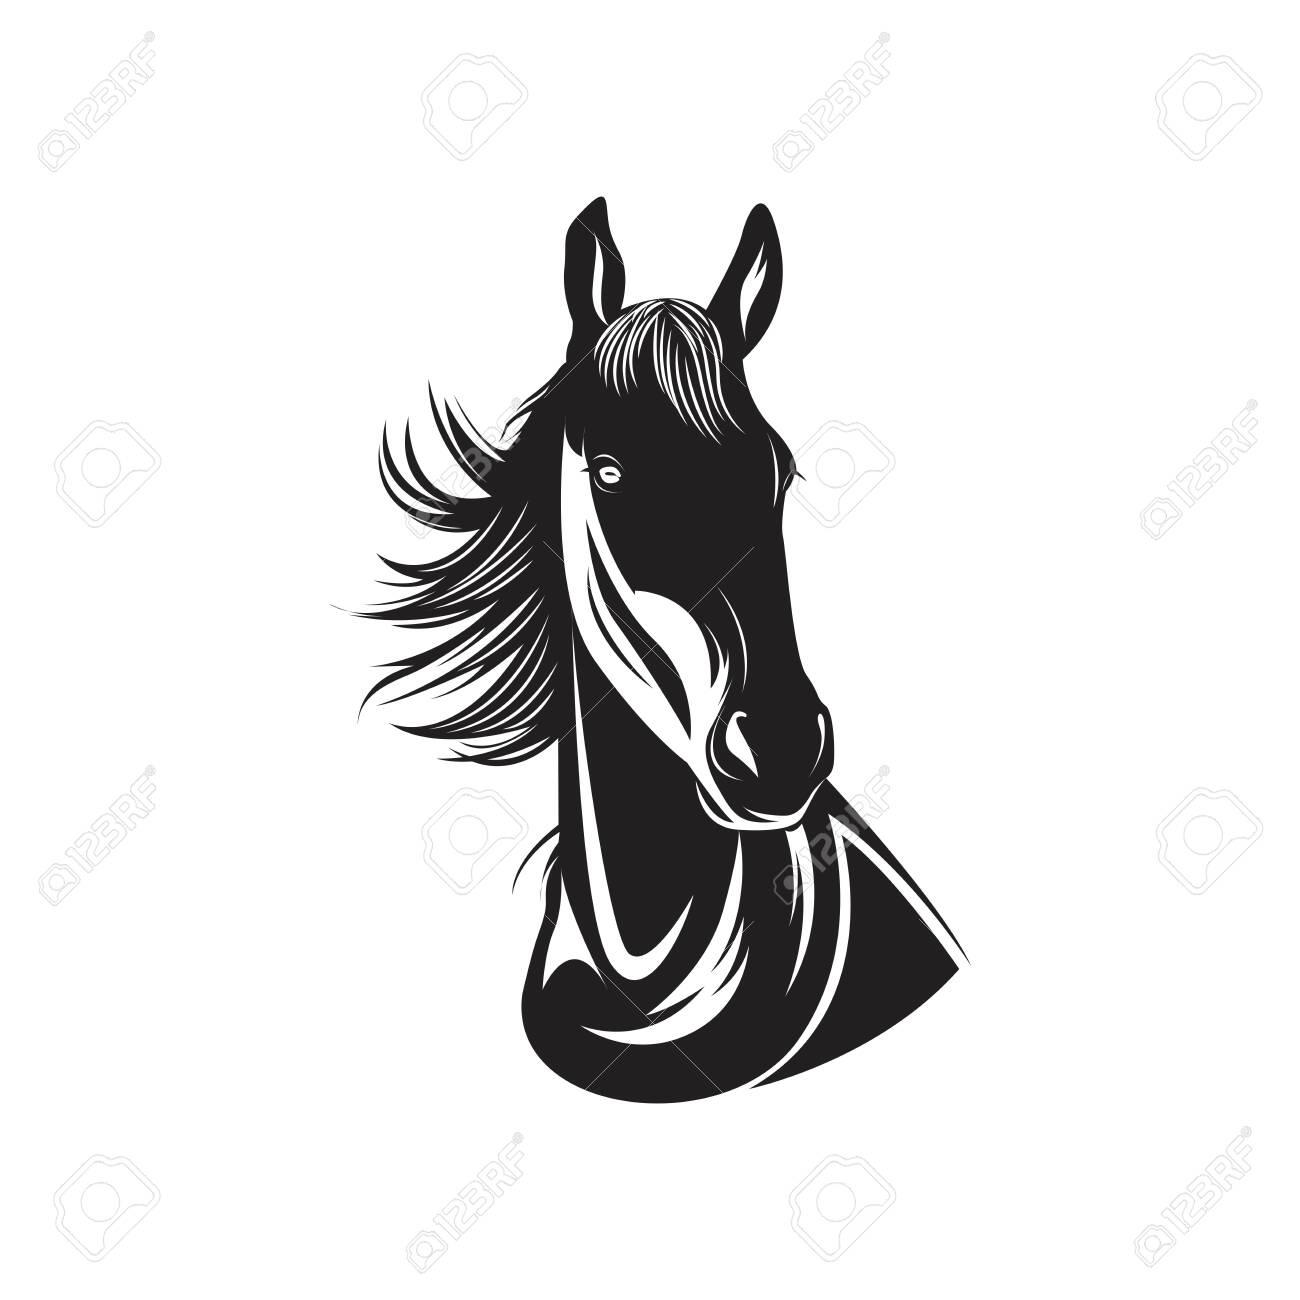 Detail Black Horse Head Illustration Ilustraciones Vectoriales Clip Art Vectorizado Libre De Derechos Image 141788337